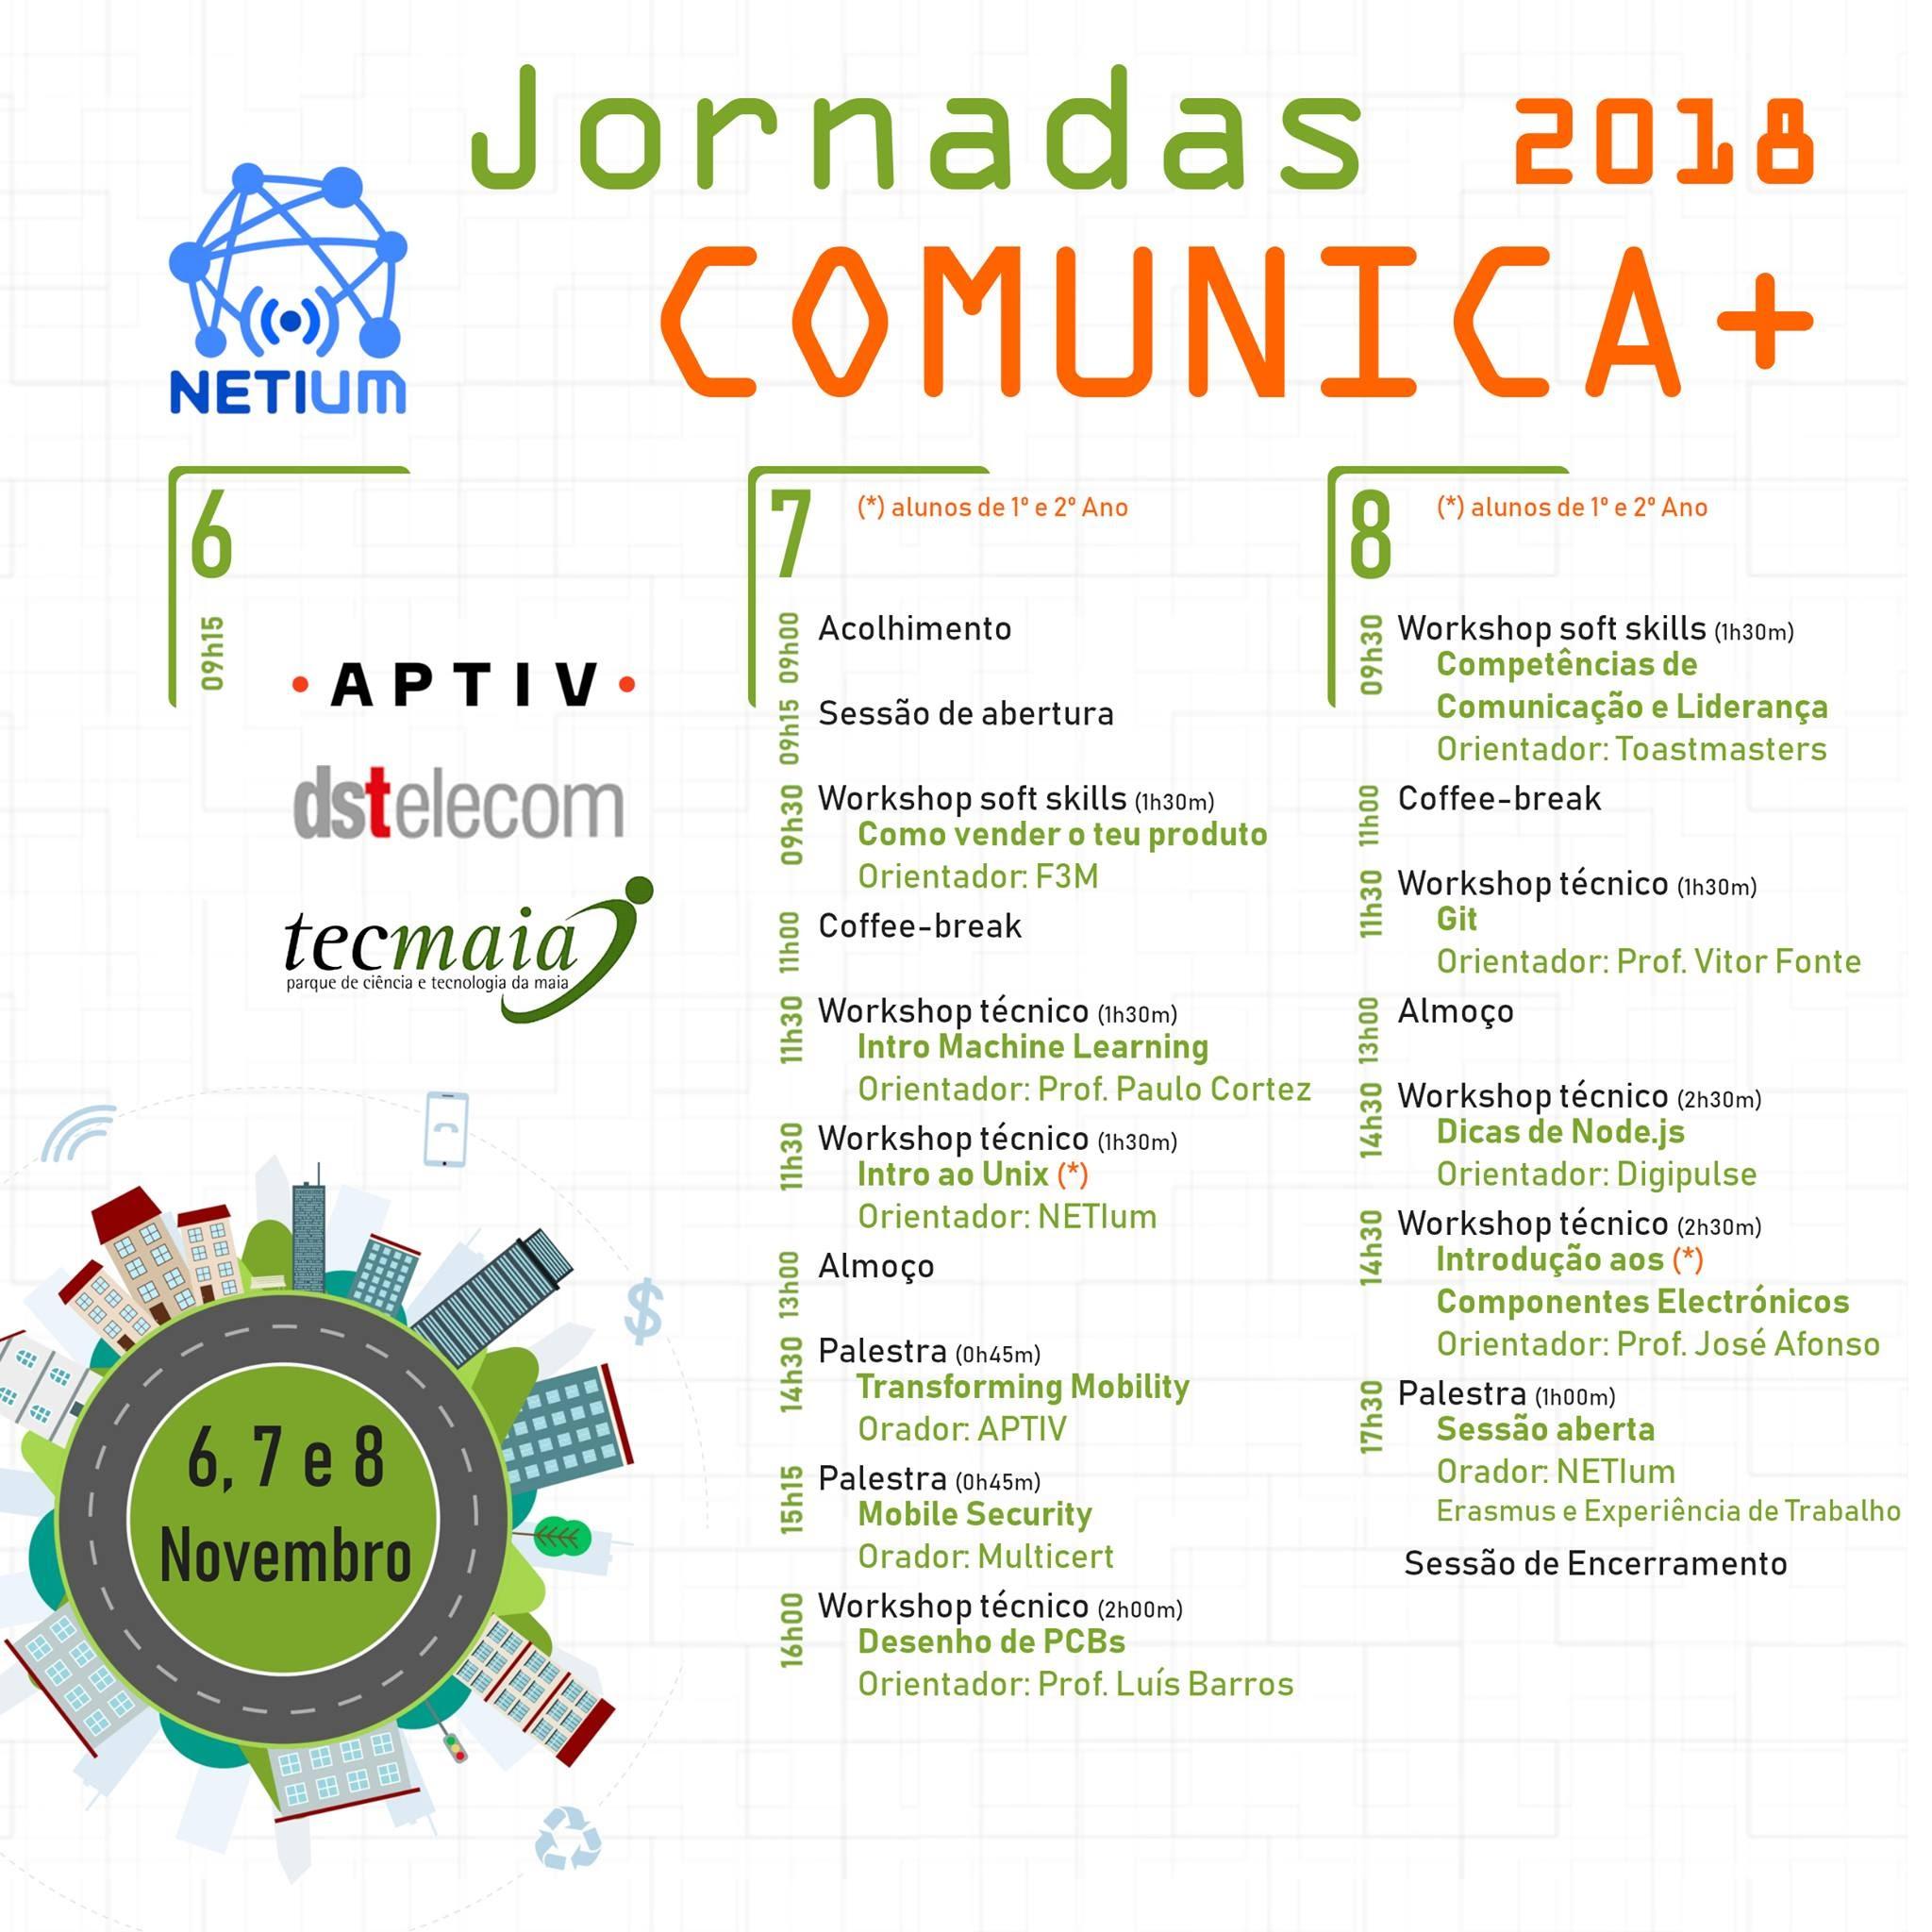 Programa das Jornadas Comunica+ 2018